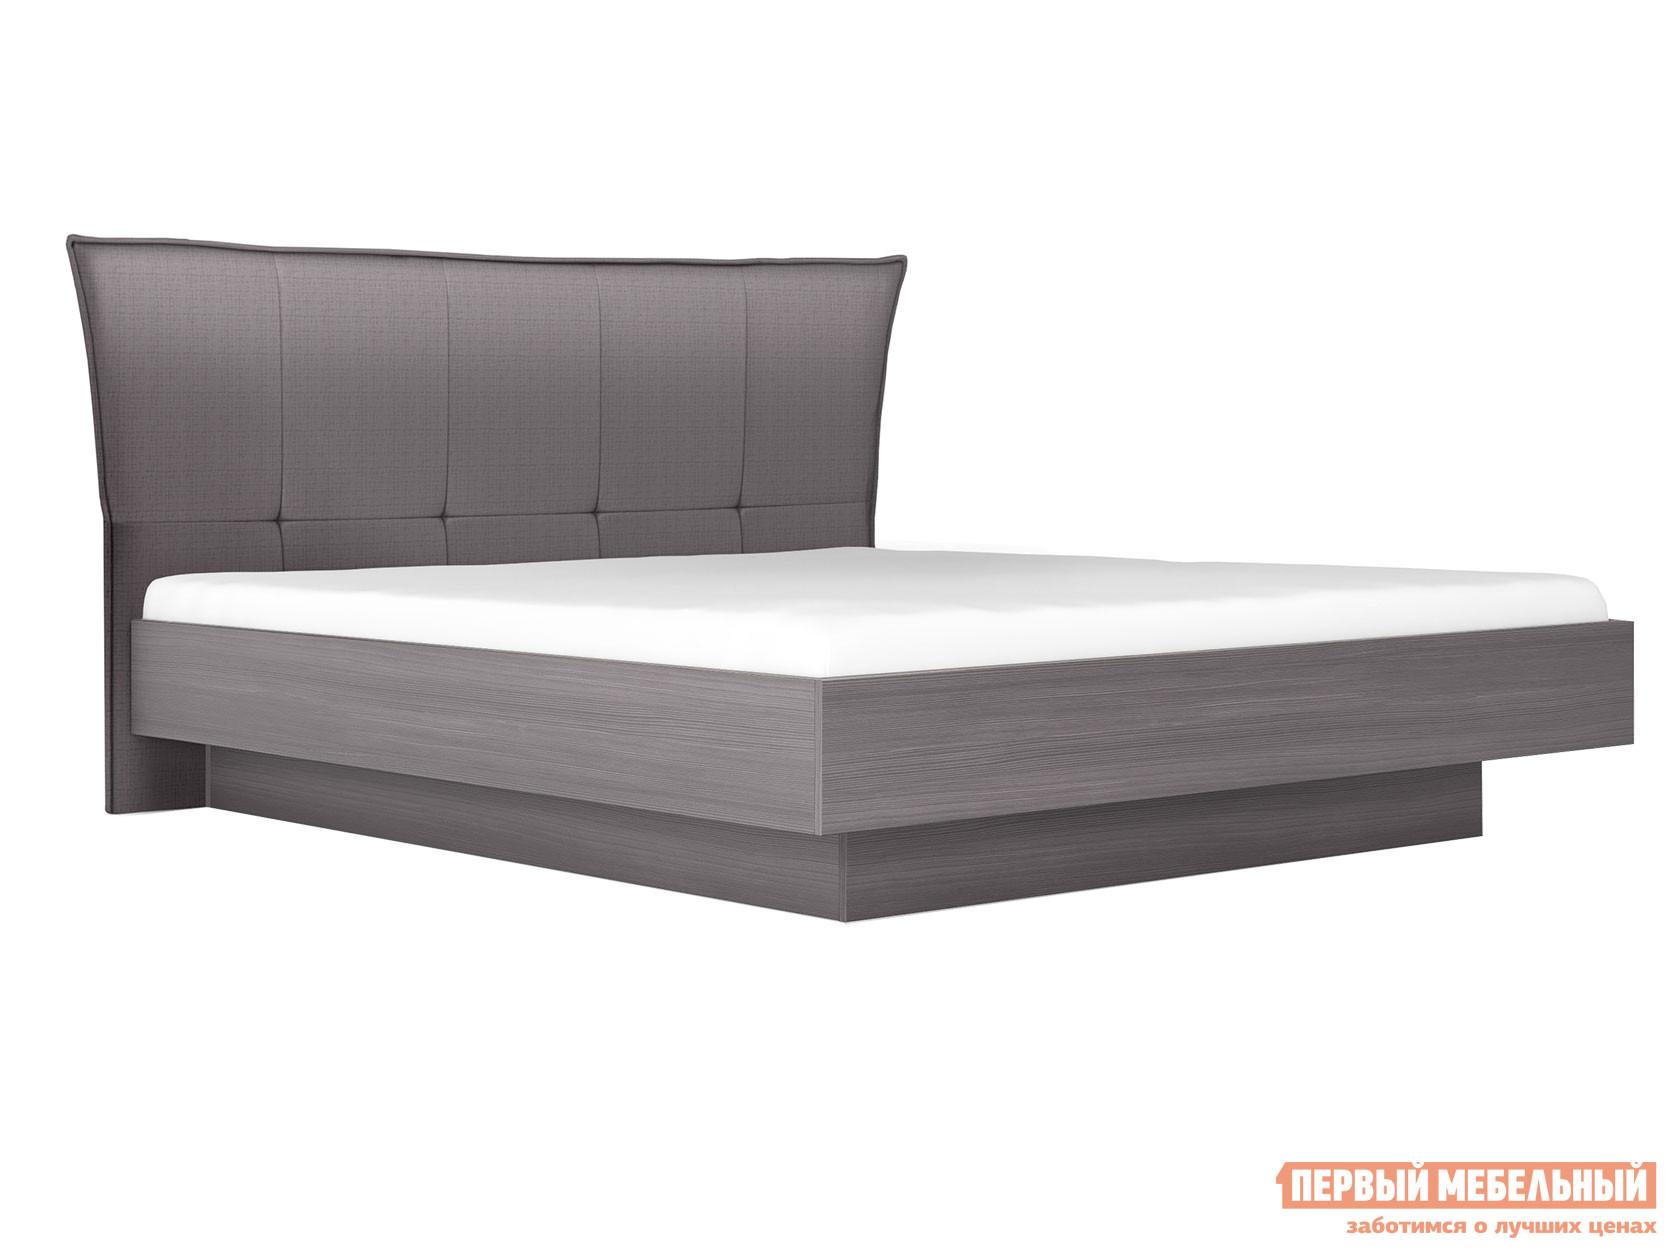 Кровать с подъемным механизмом Первый Мебельный Кровать с подъемным механизмом Парма НЕО 4